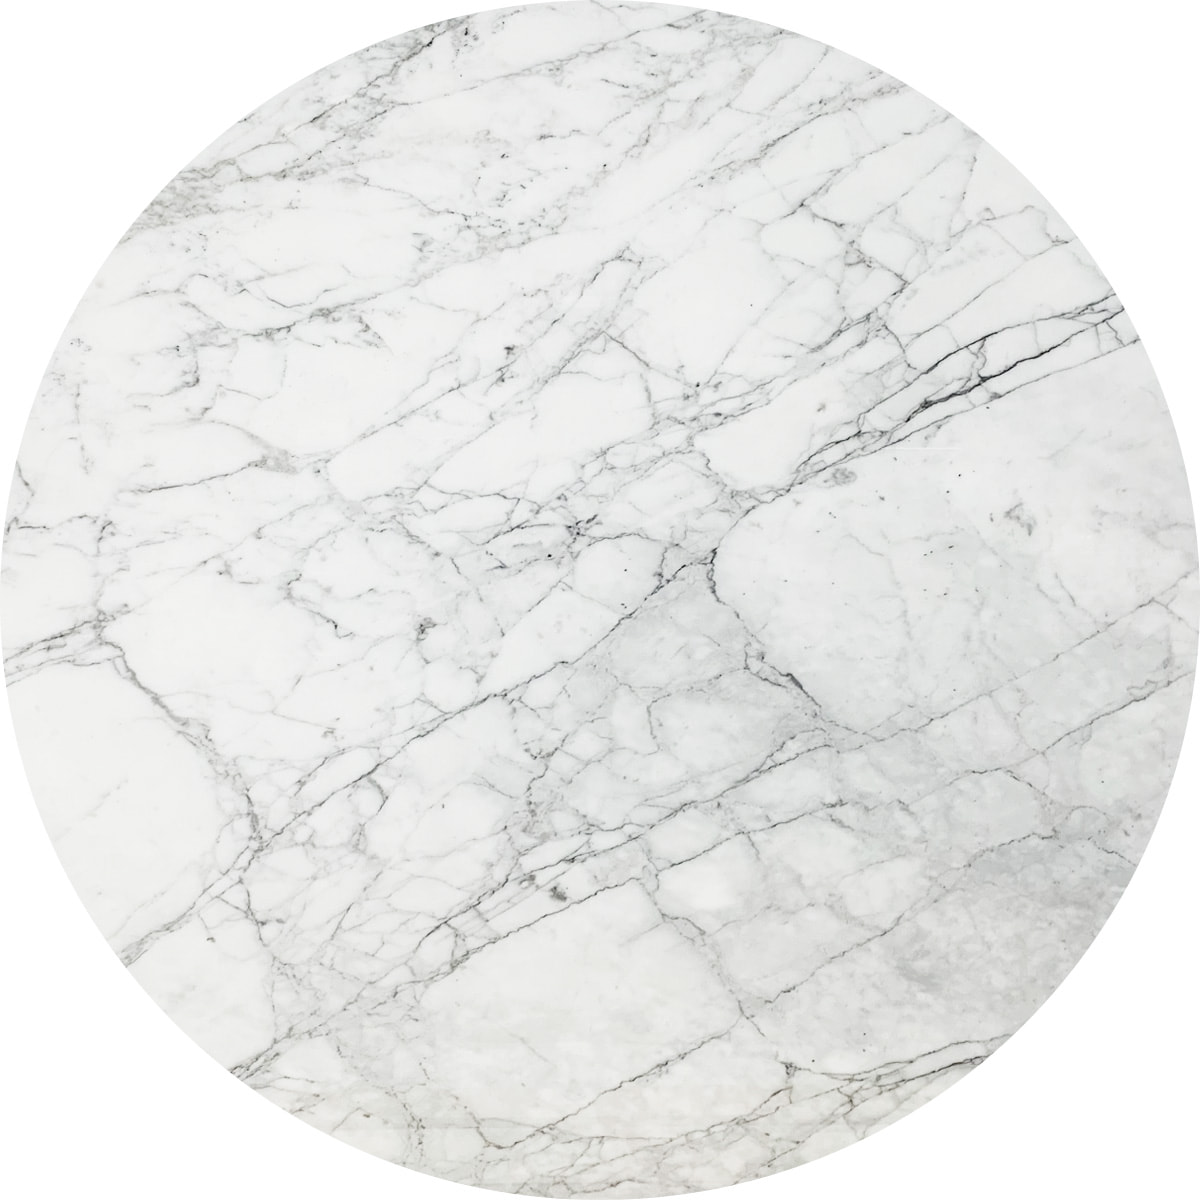 Saarinen Collection Round Tables(サーリネンテーブル) Φ1370mm アラベスカート 164TRMA2 (009)